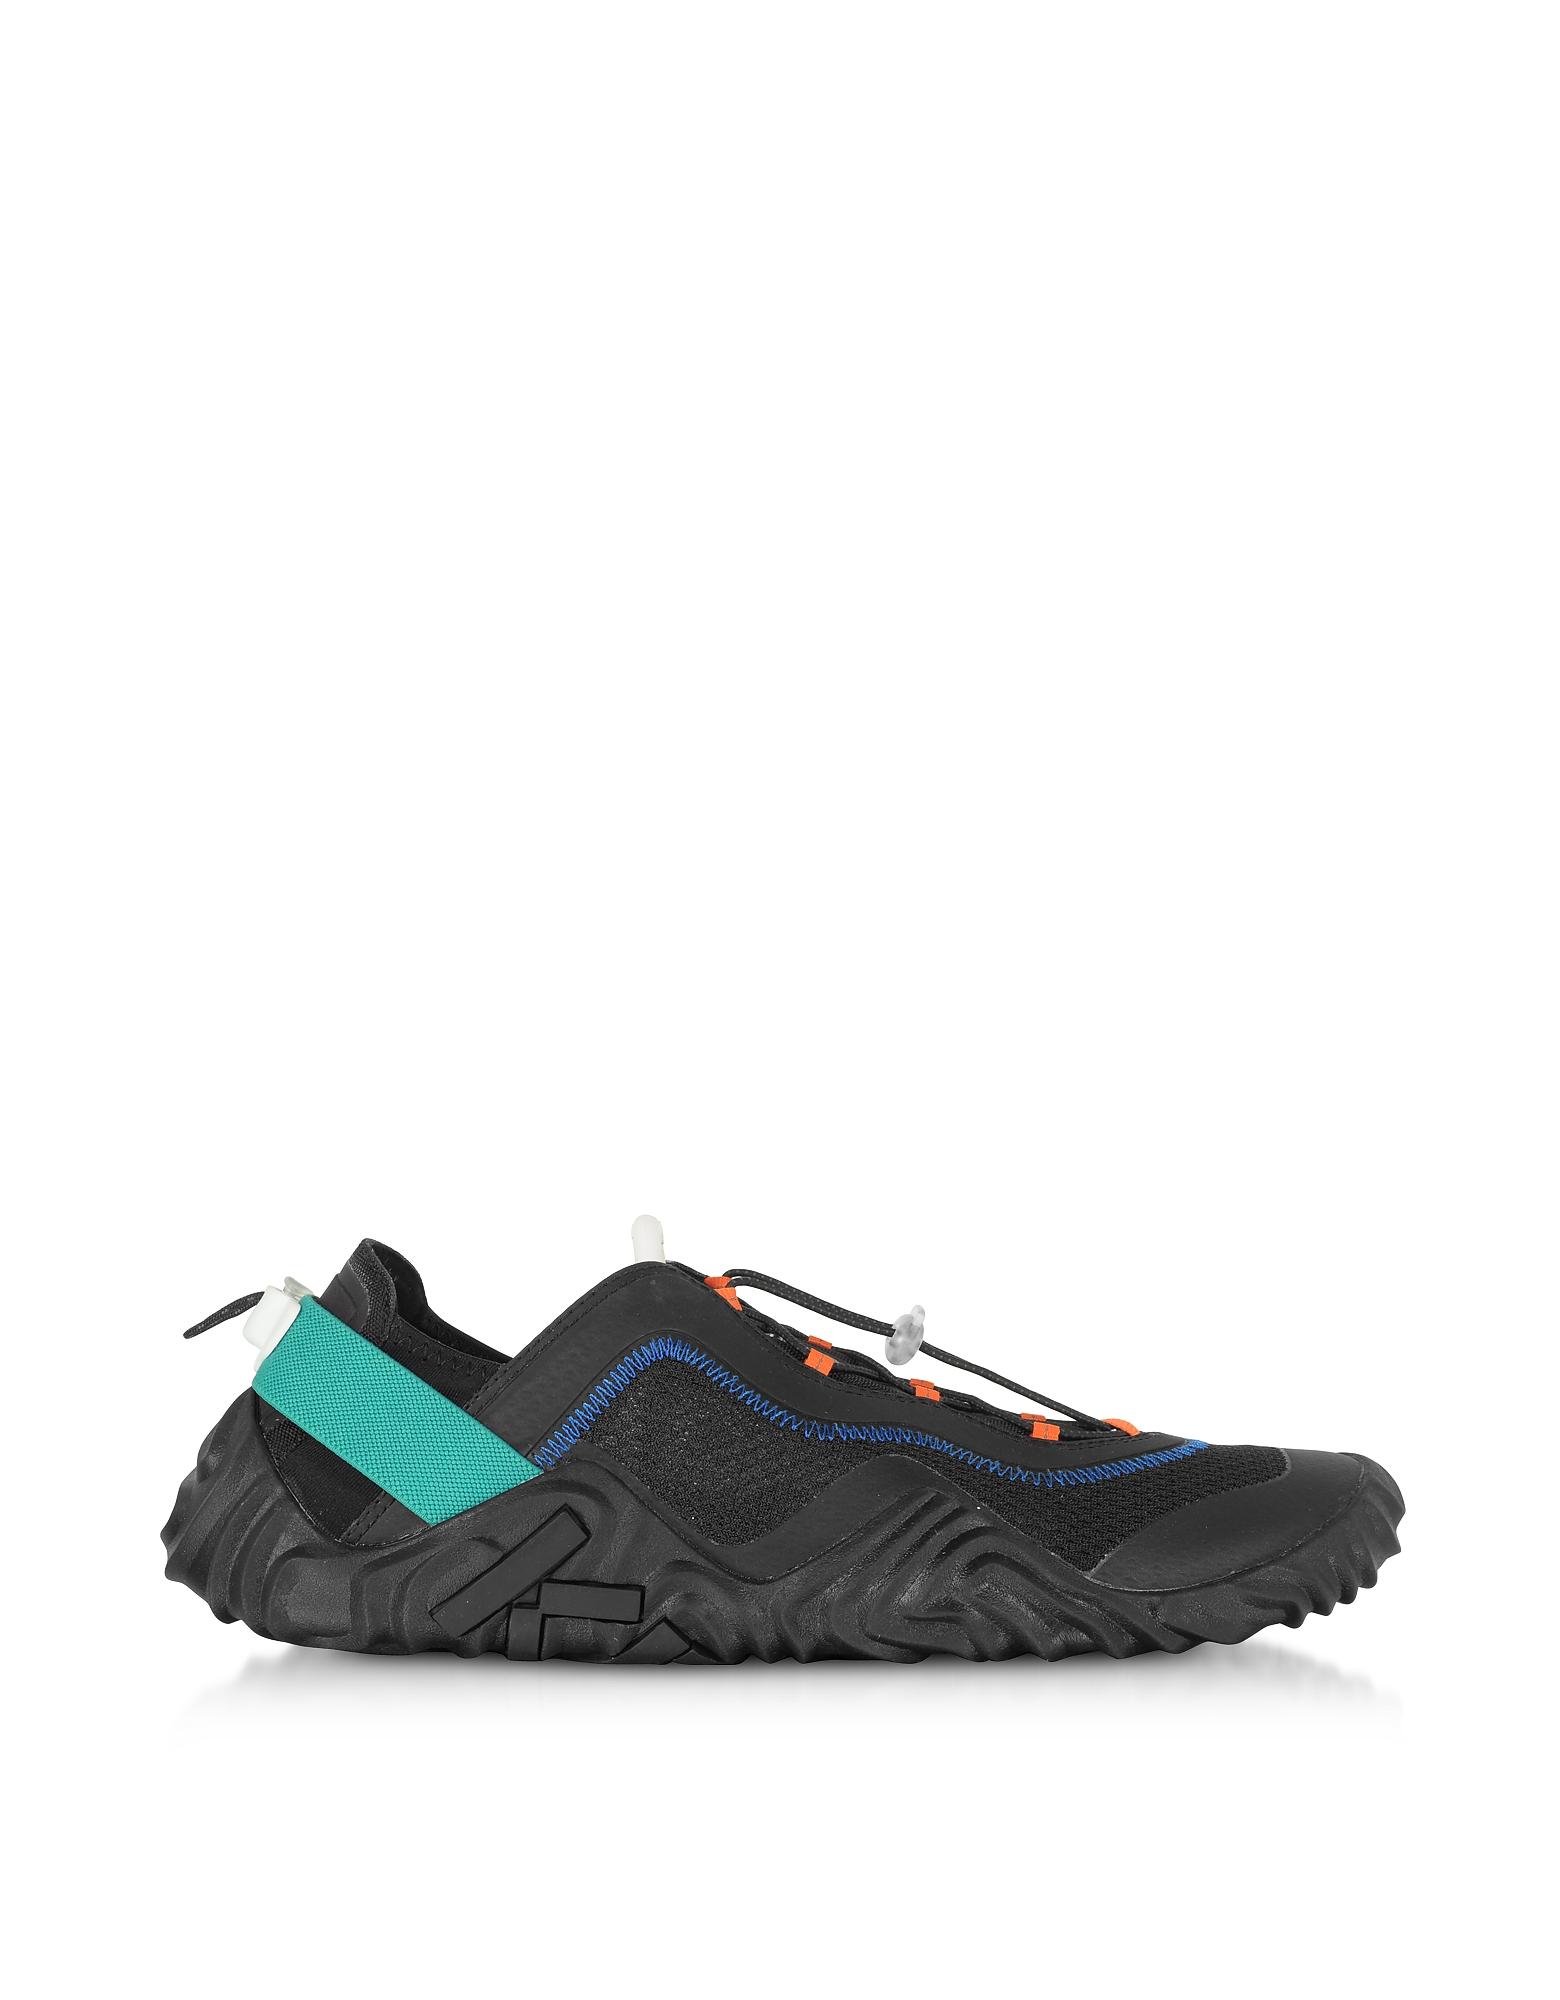 Kenzo Designer Shoes, Black Mesh Kenzo Wave Runway Sneakers